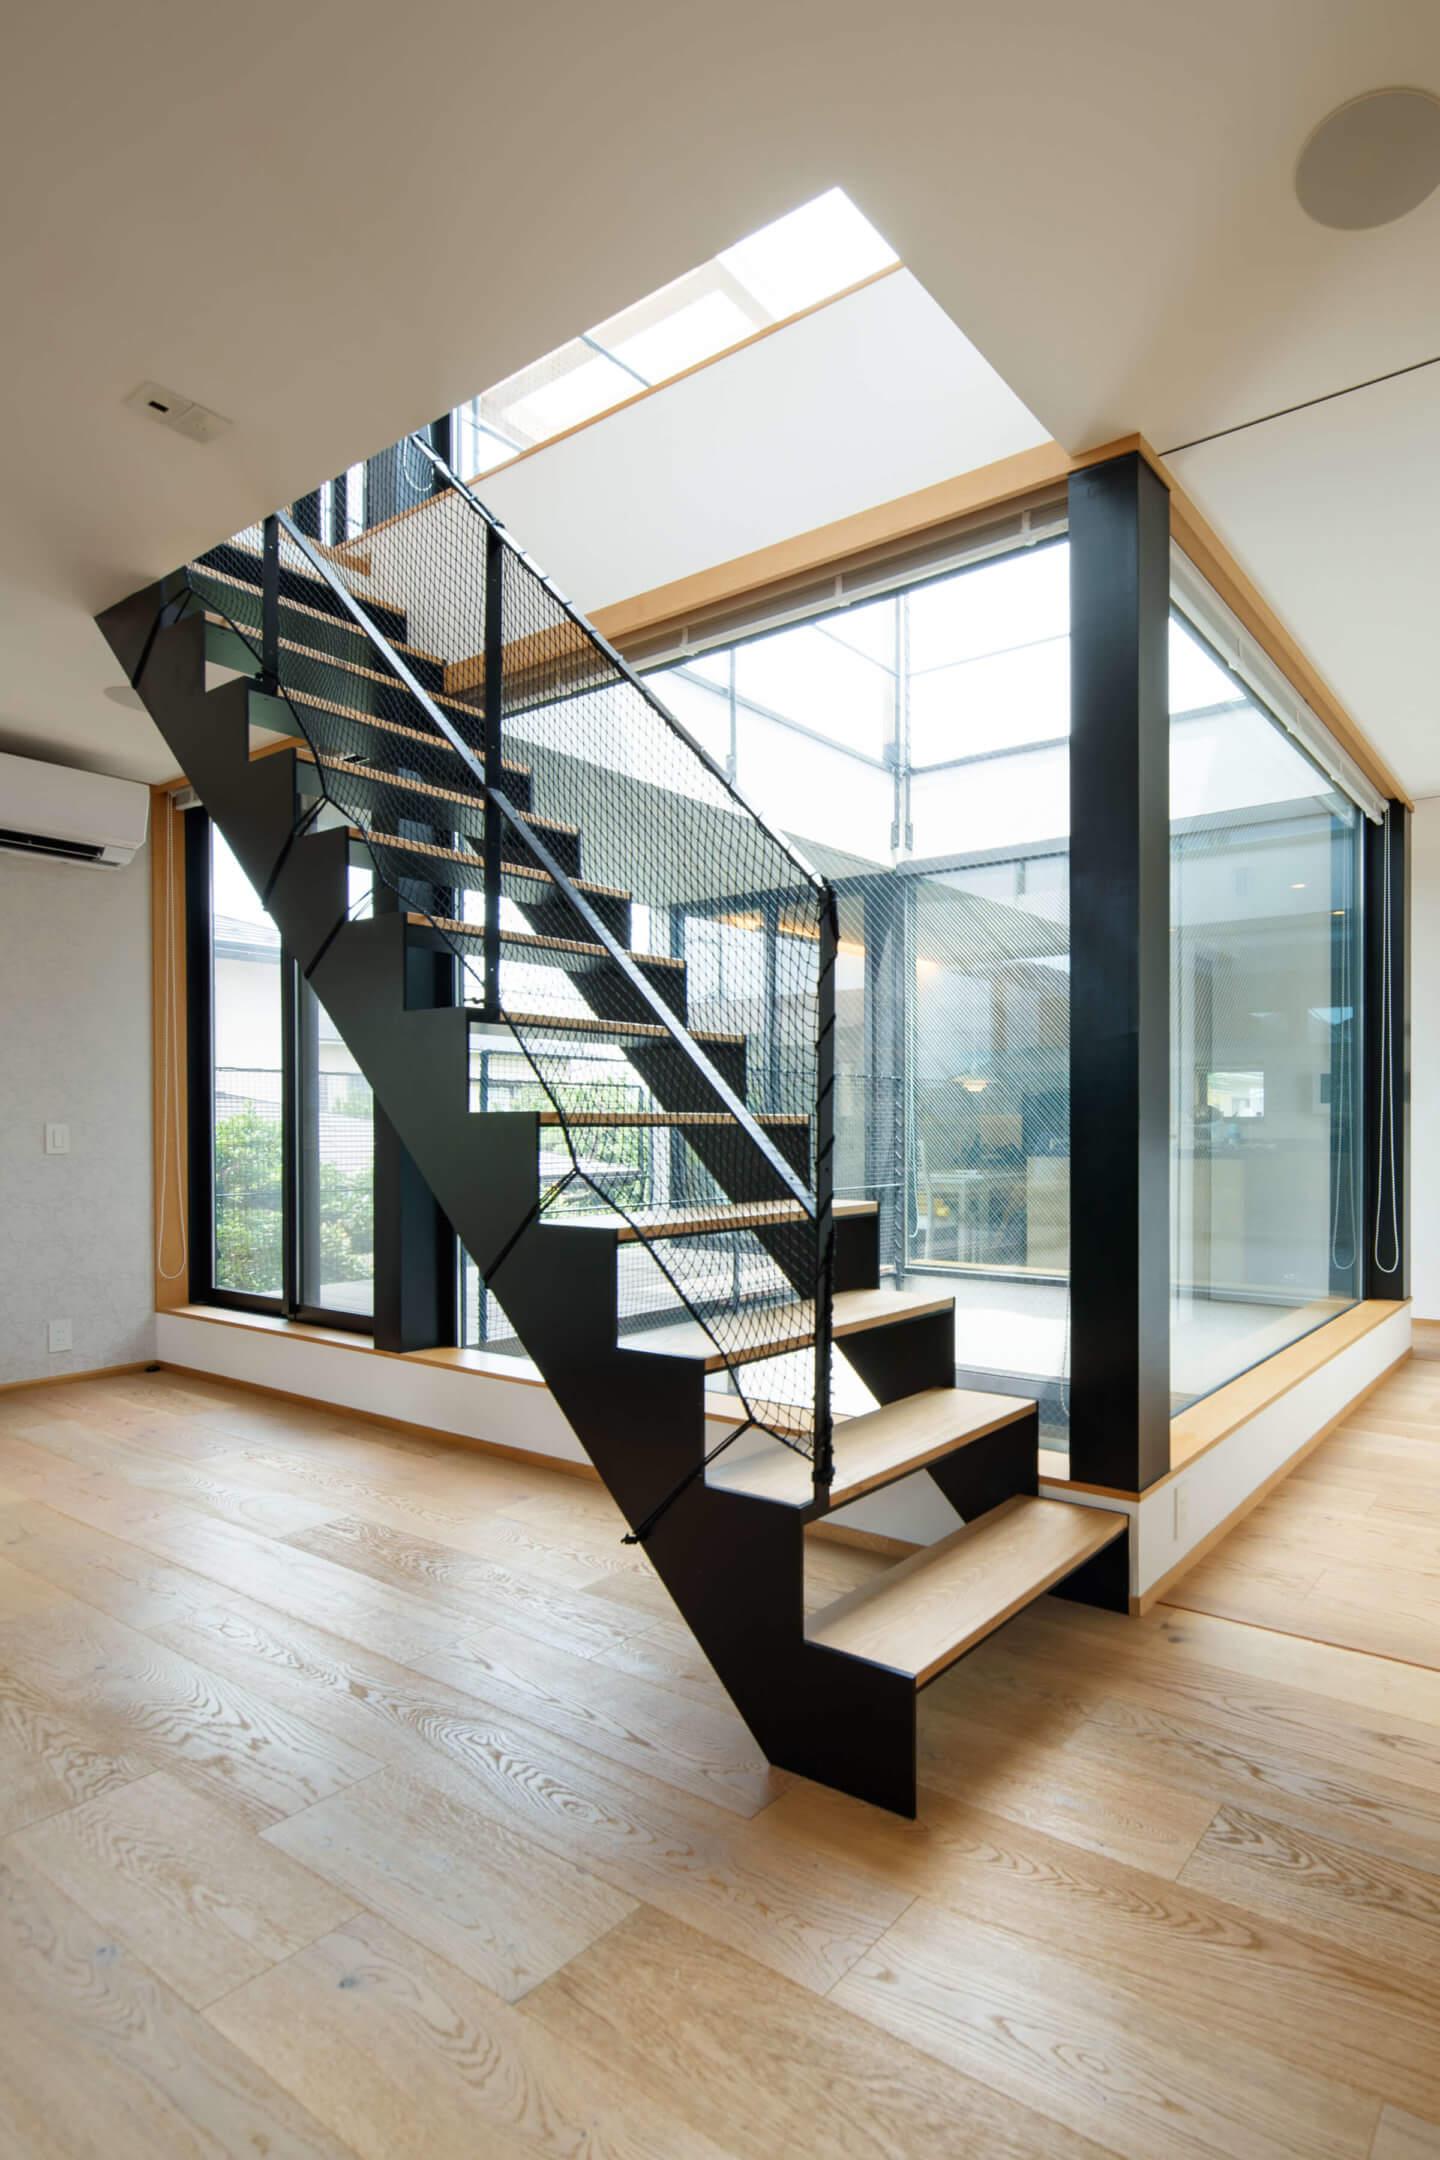 上祖師谷の住宅の階段